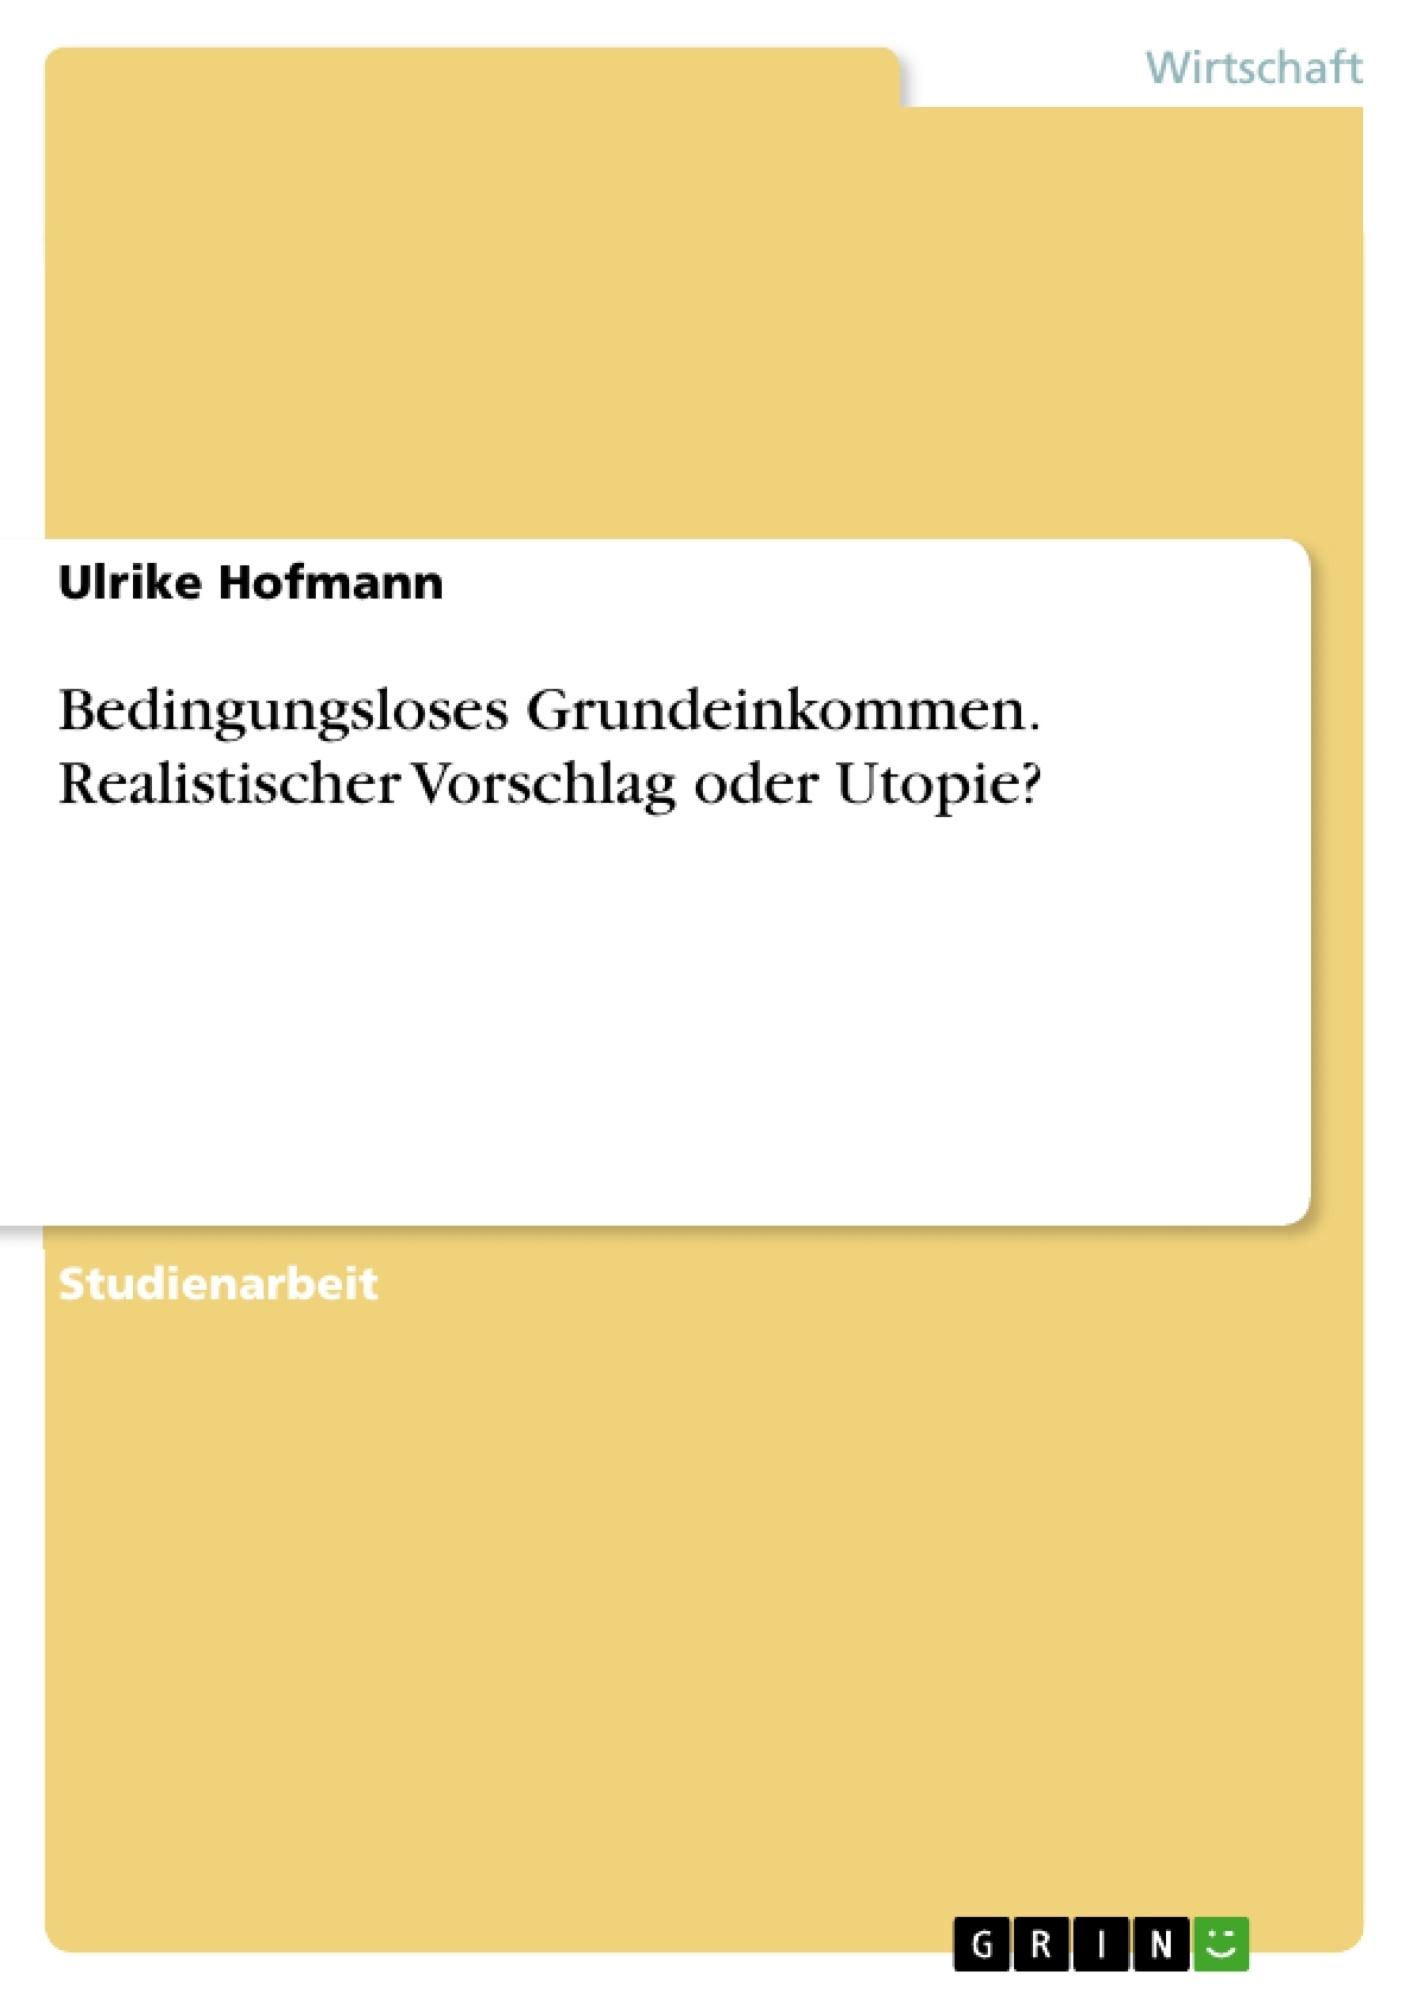 Titel: Bedingungsloses Grundeinkommen. Realistischer Vorschlag oder Utopie?